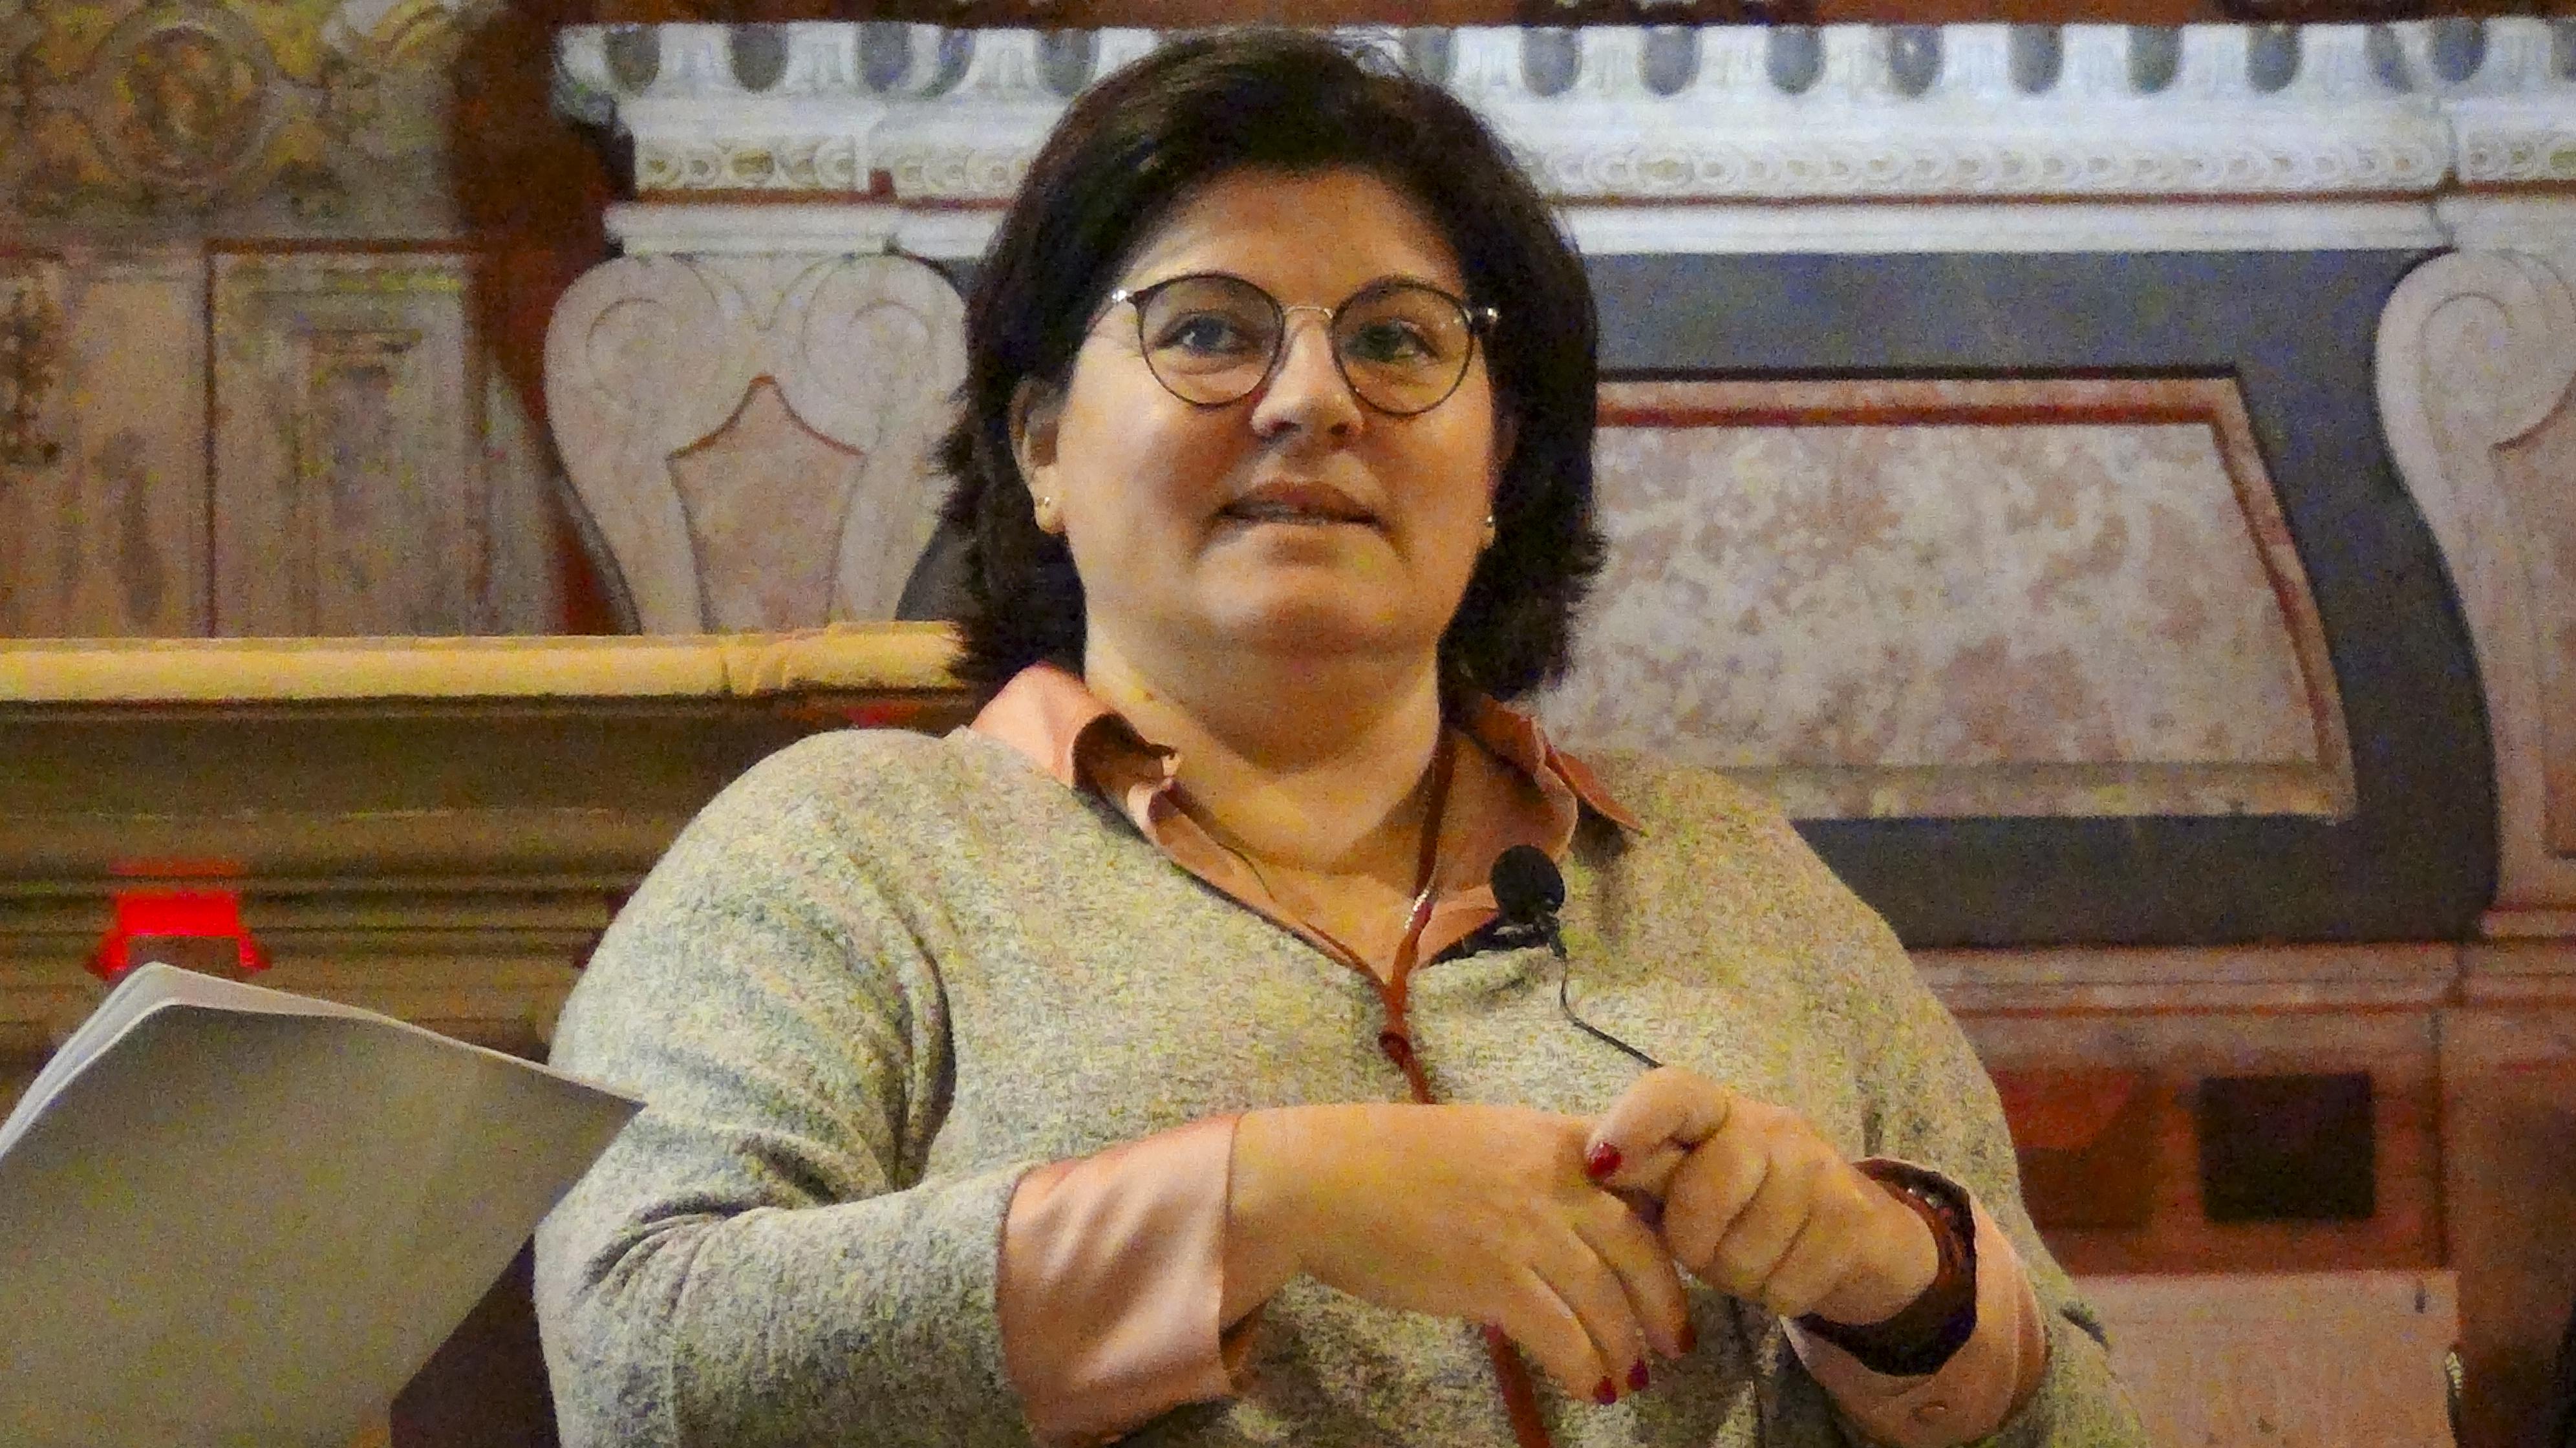 Dialogos com Antonio 2020: A Economia de Francisco - Teresa Paiva Couceiro